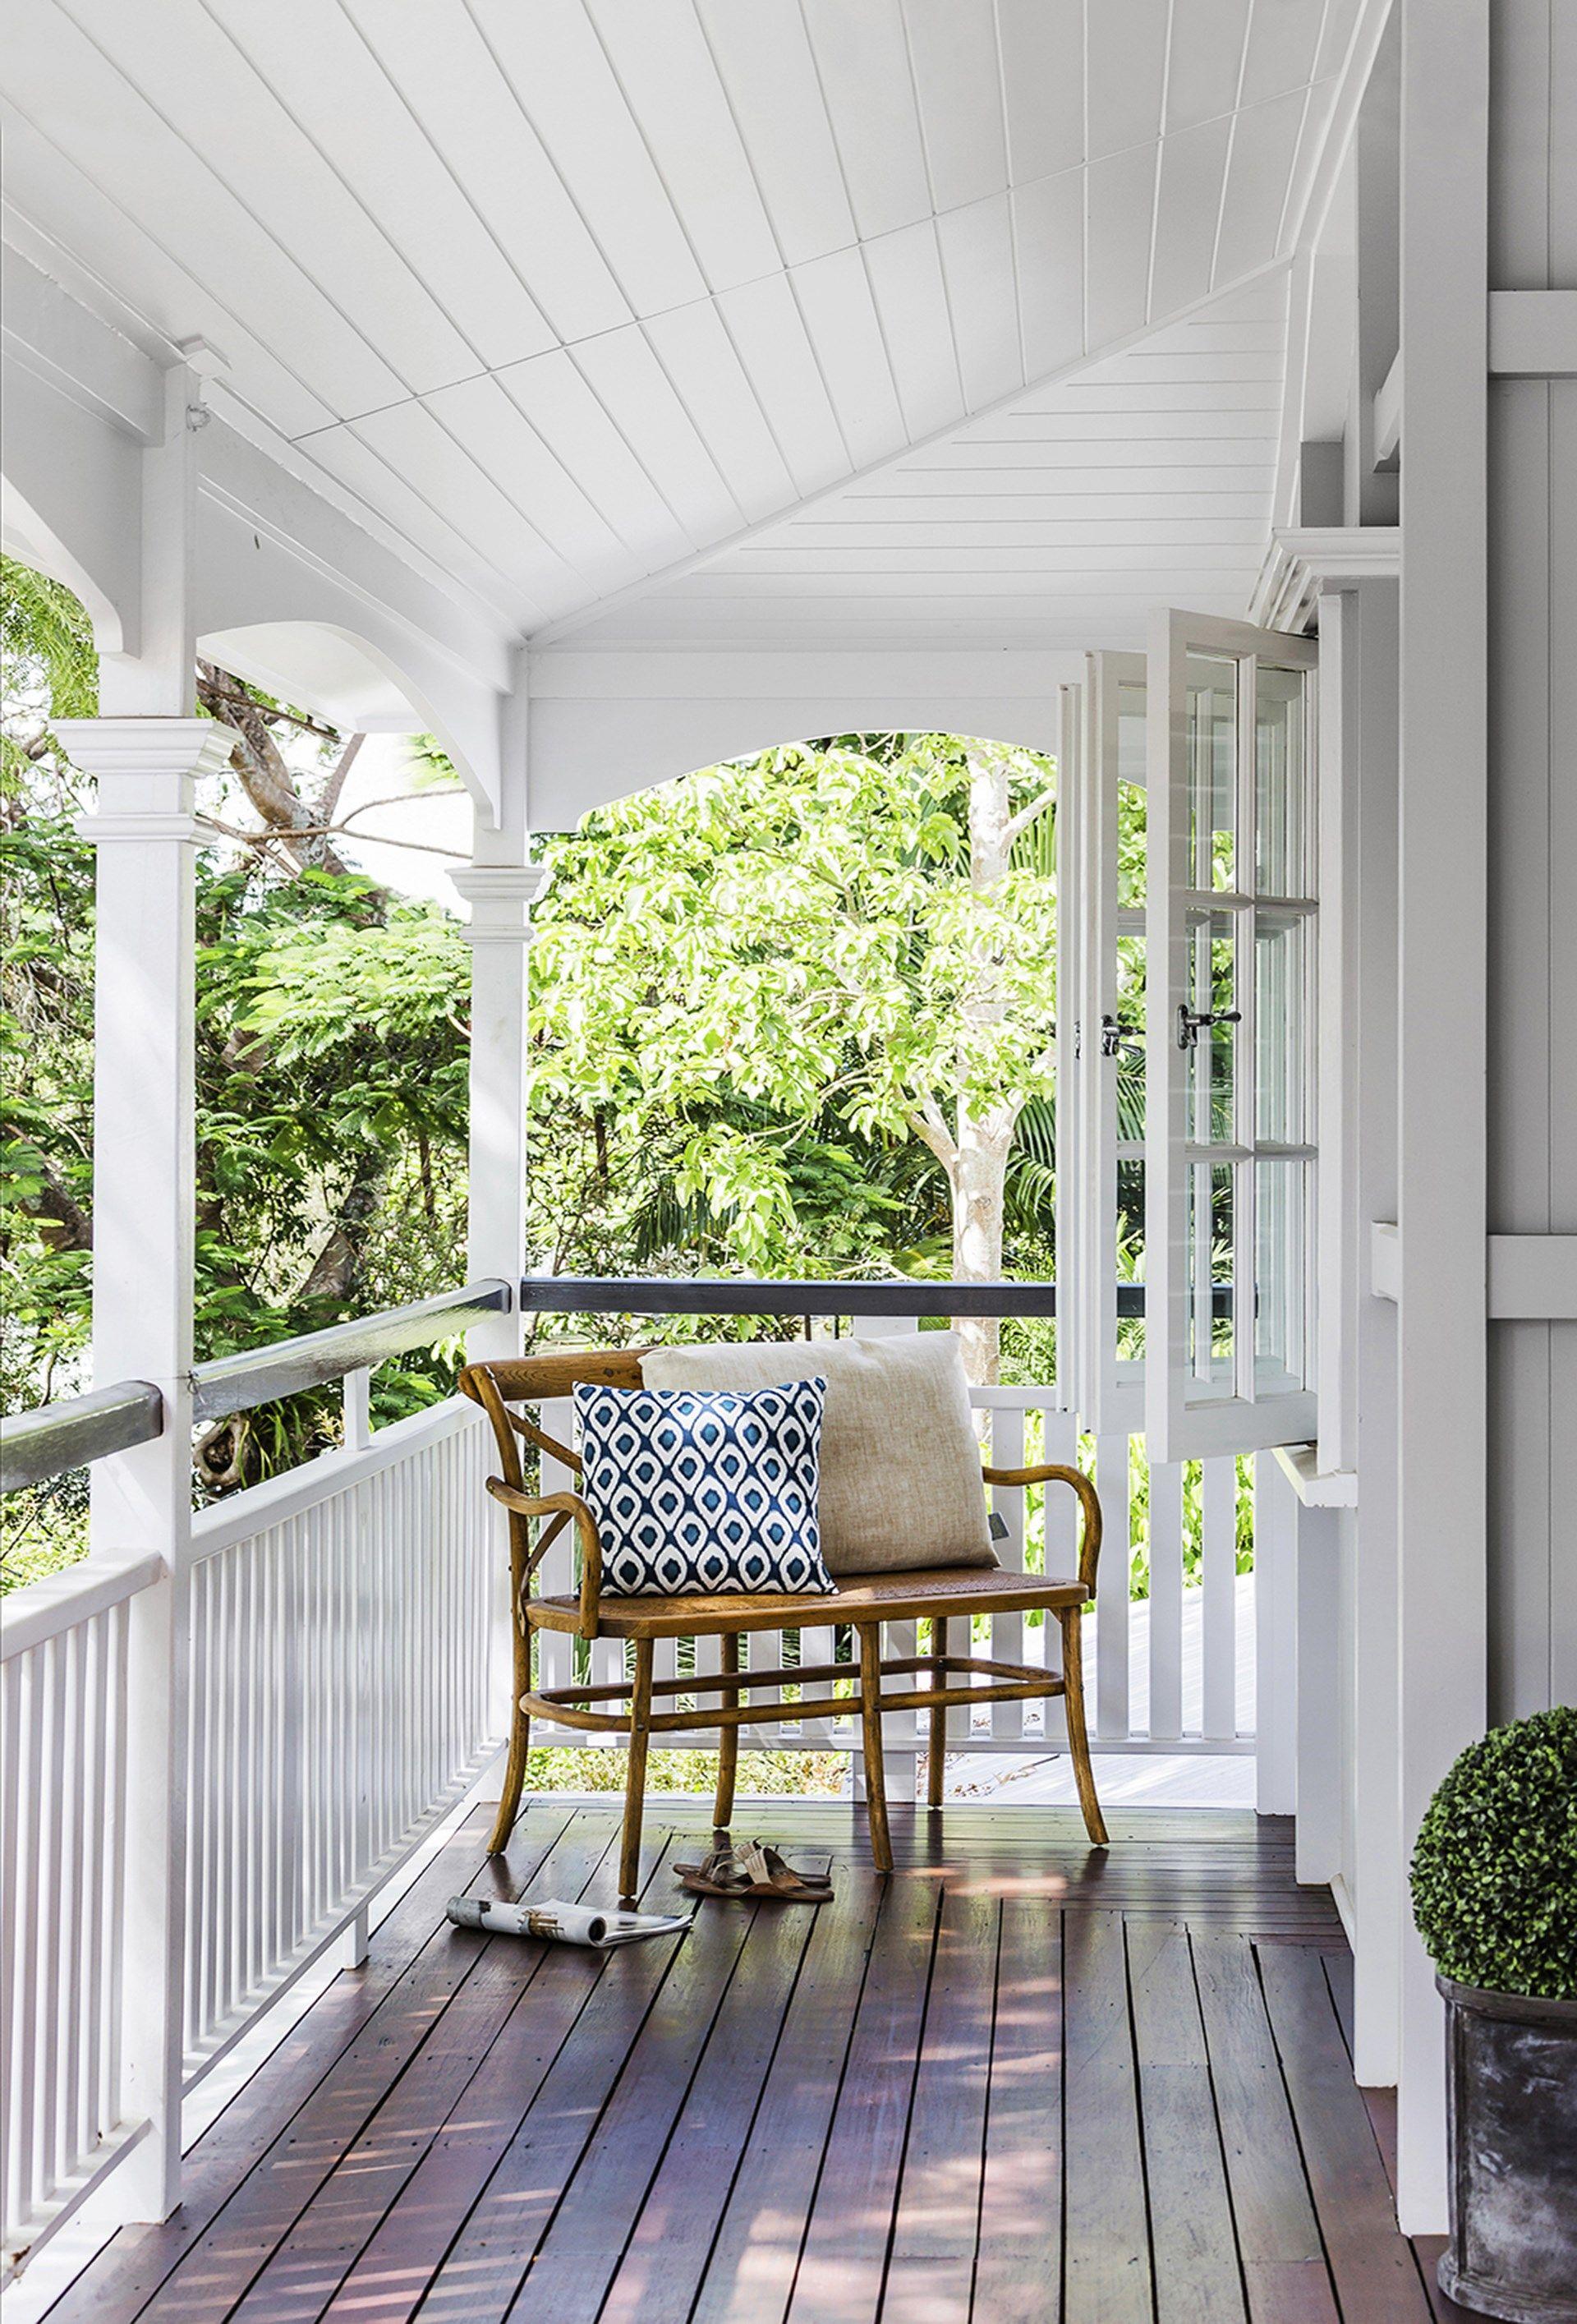 20 Inspiring Balcony And Deck Design Ideas